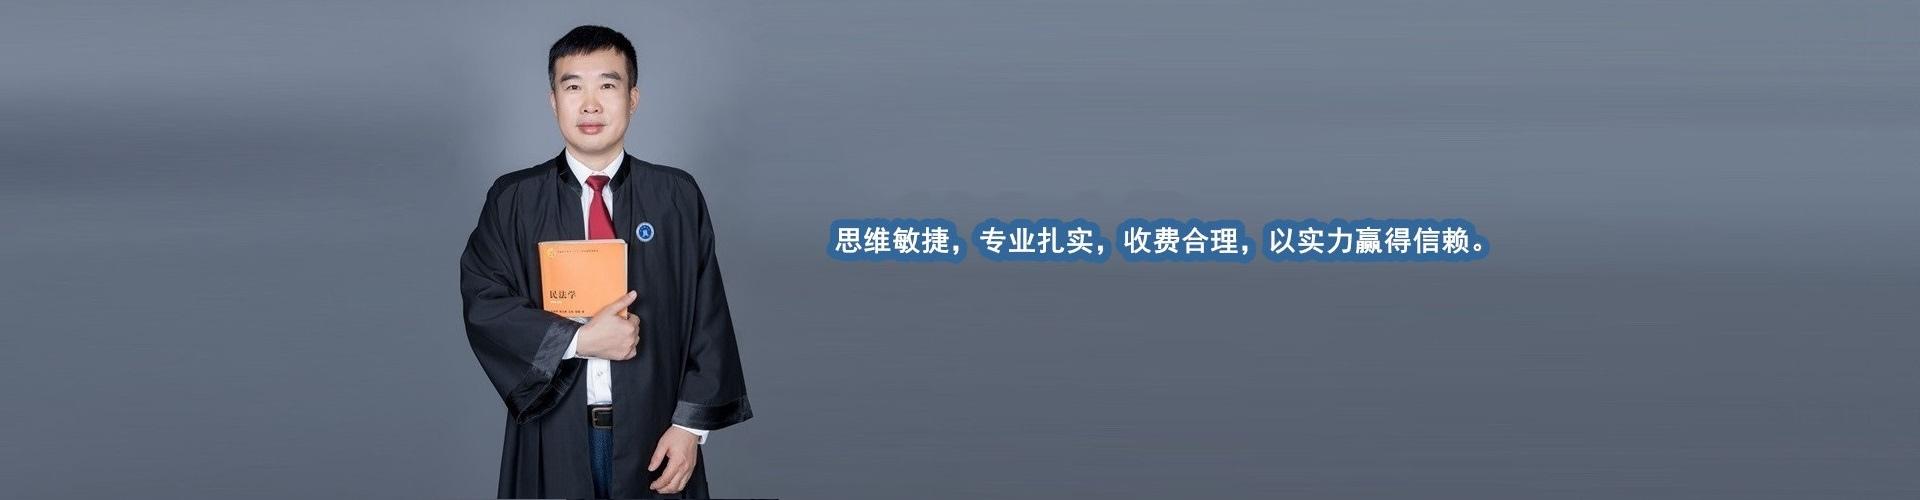 东莞律师大图二